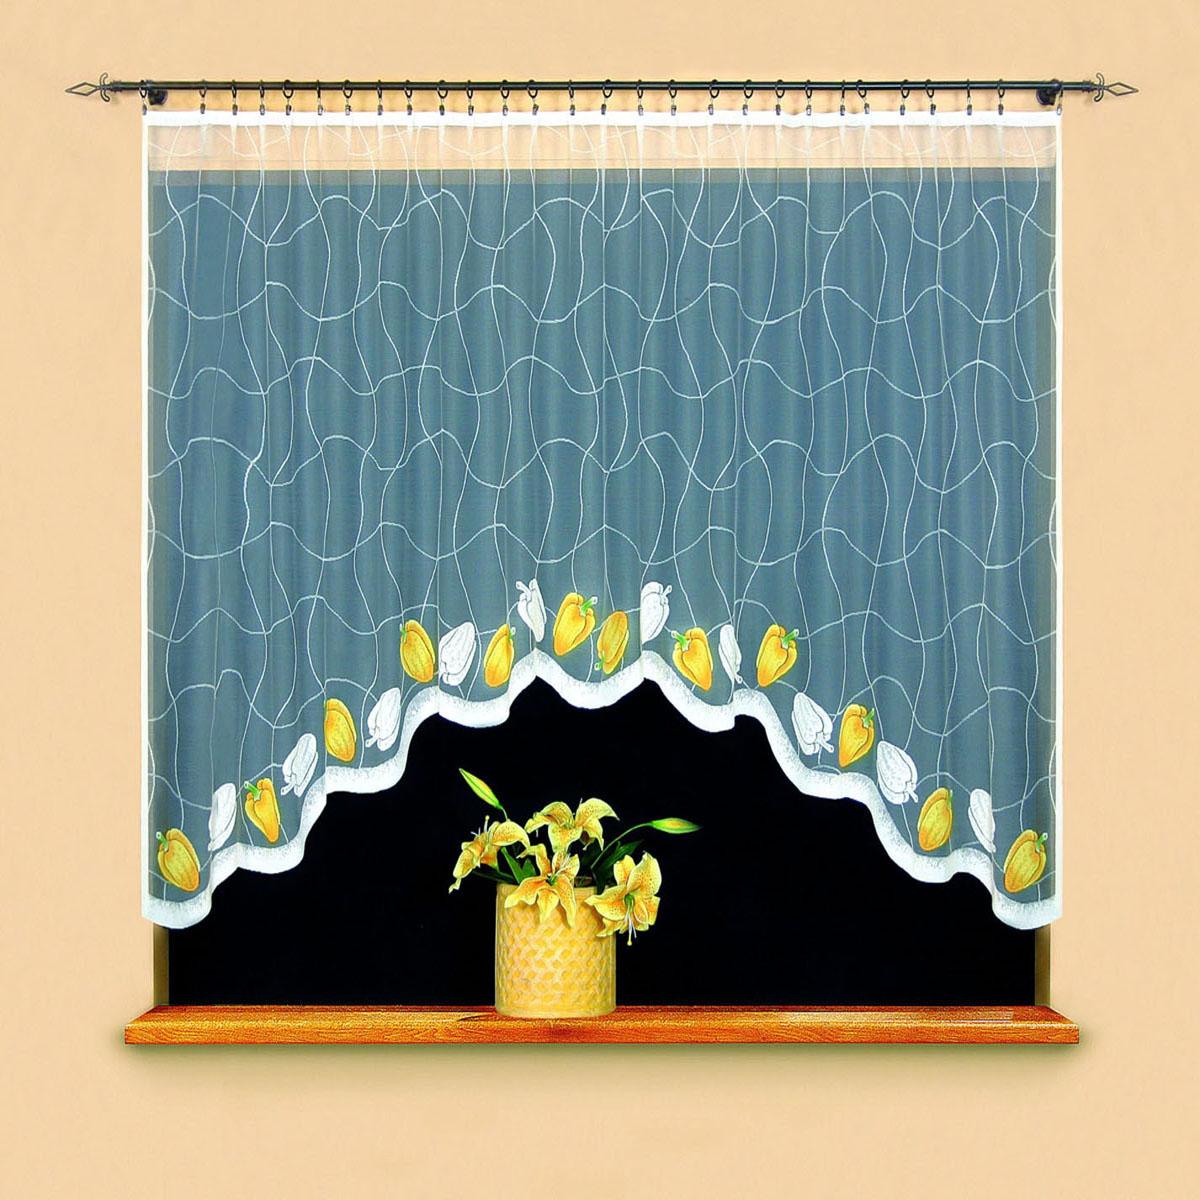 Гардина Wisan, цвет: белый, ширина 220 см, высота 120 см. 95069506вид крепления - под зажимы для штор Размеры: 220*120